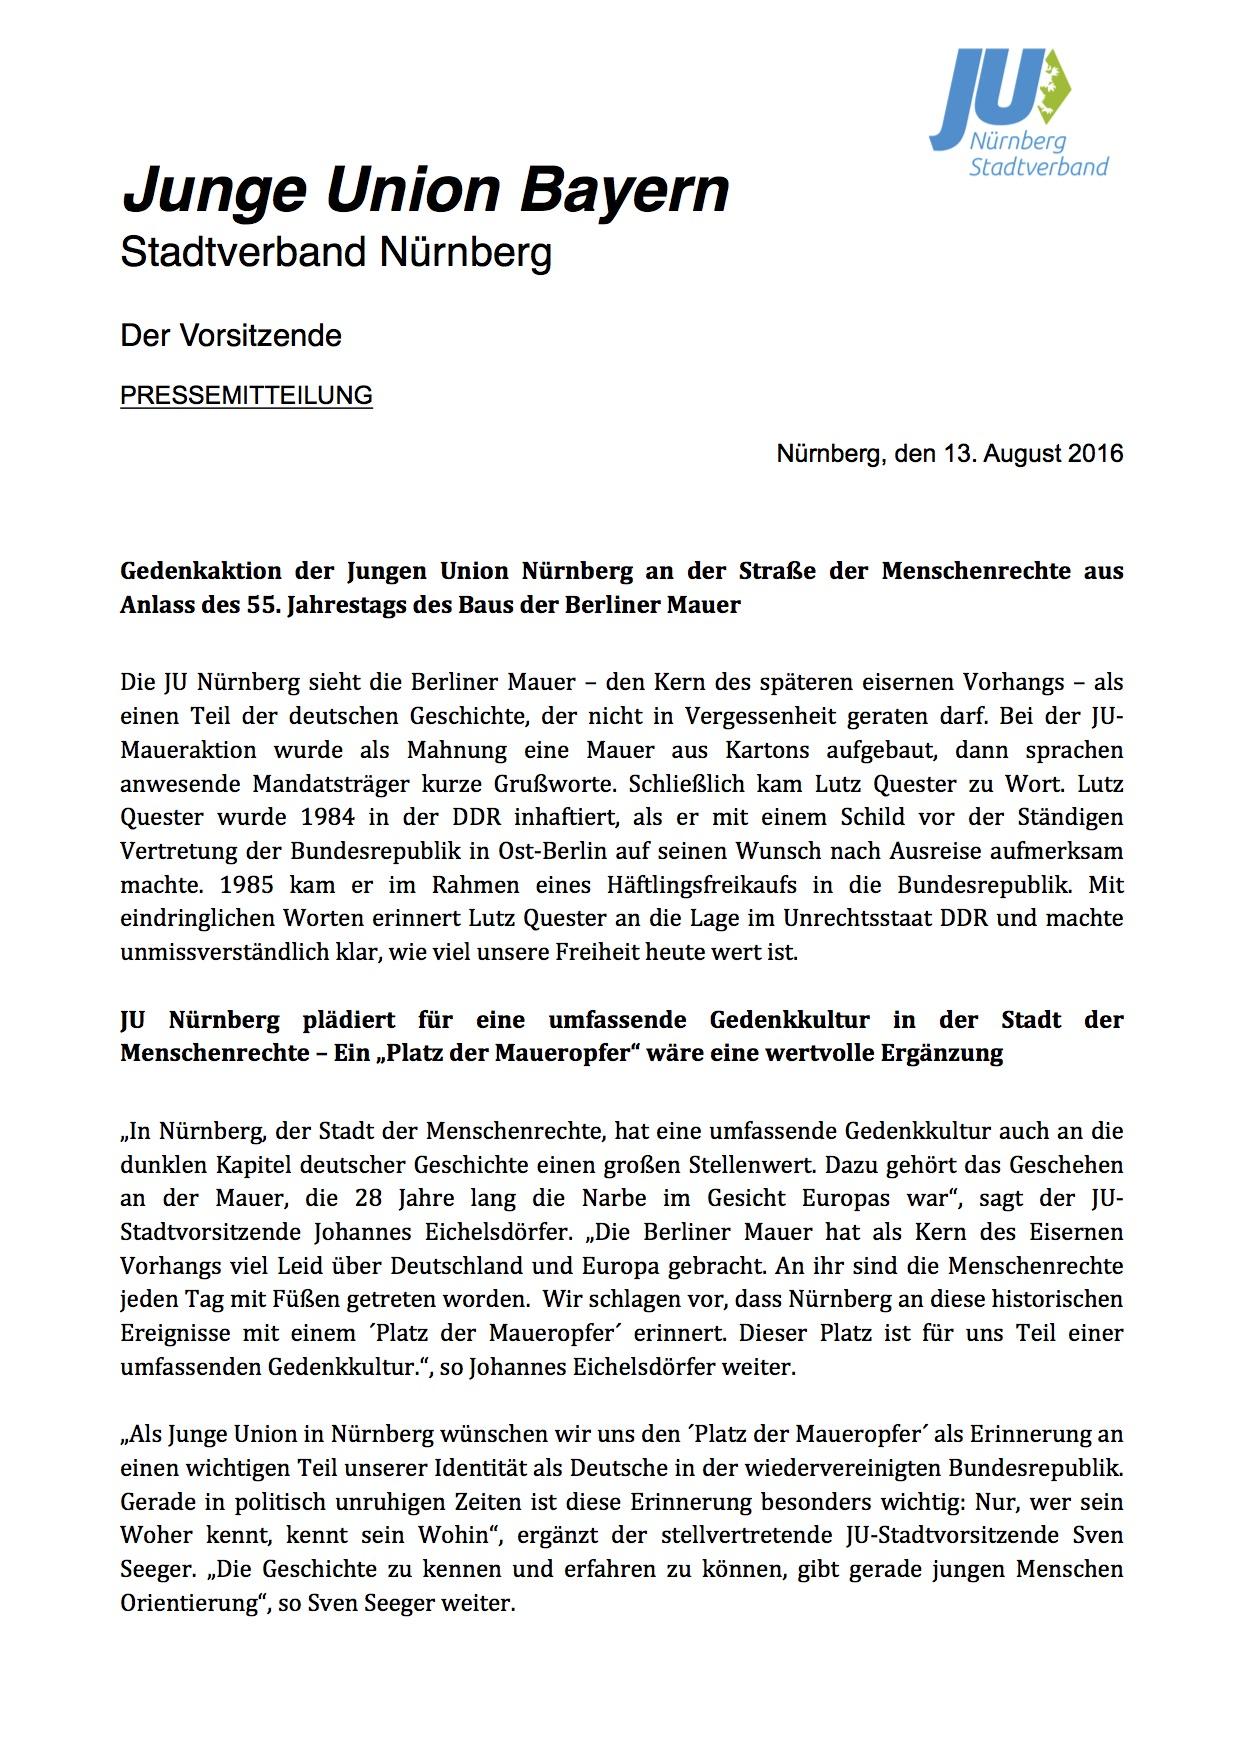 größte bayerische städte